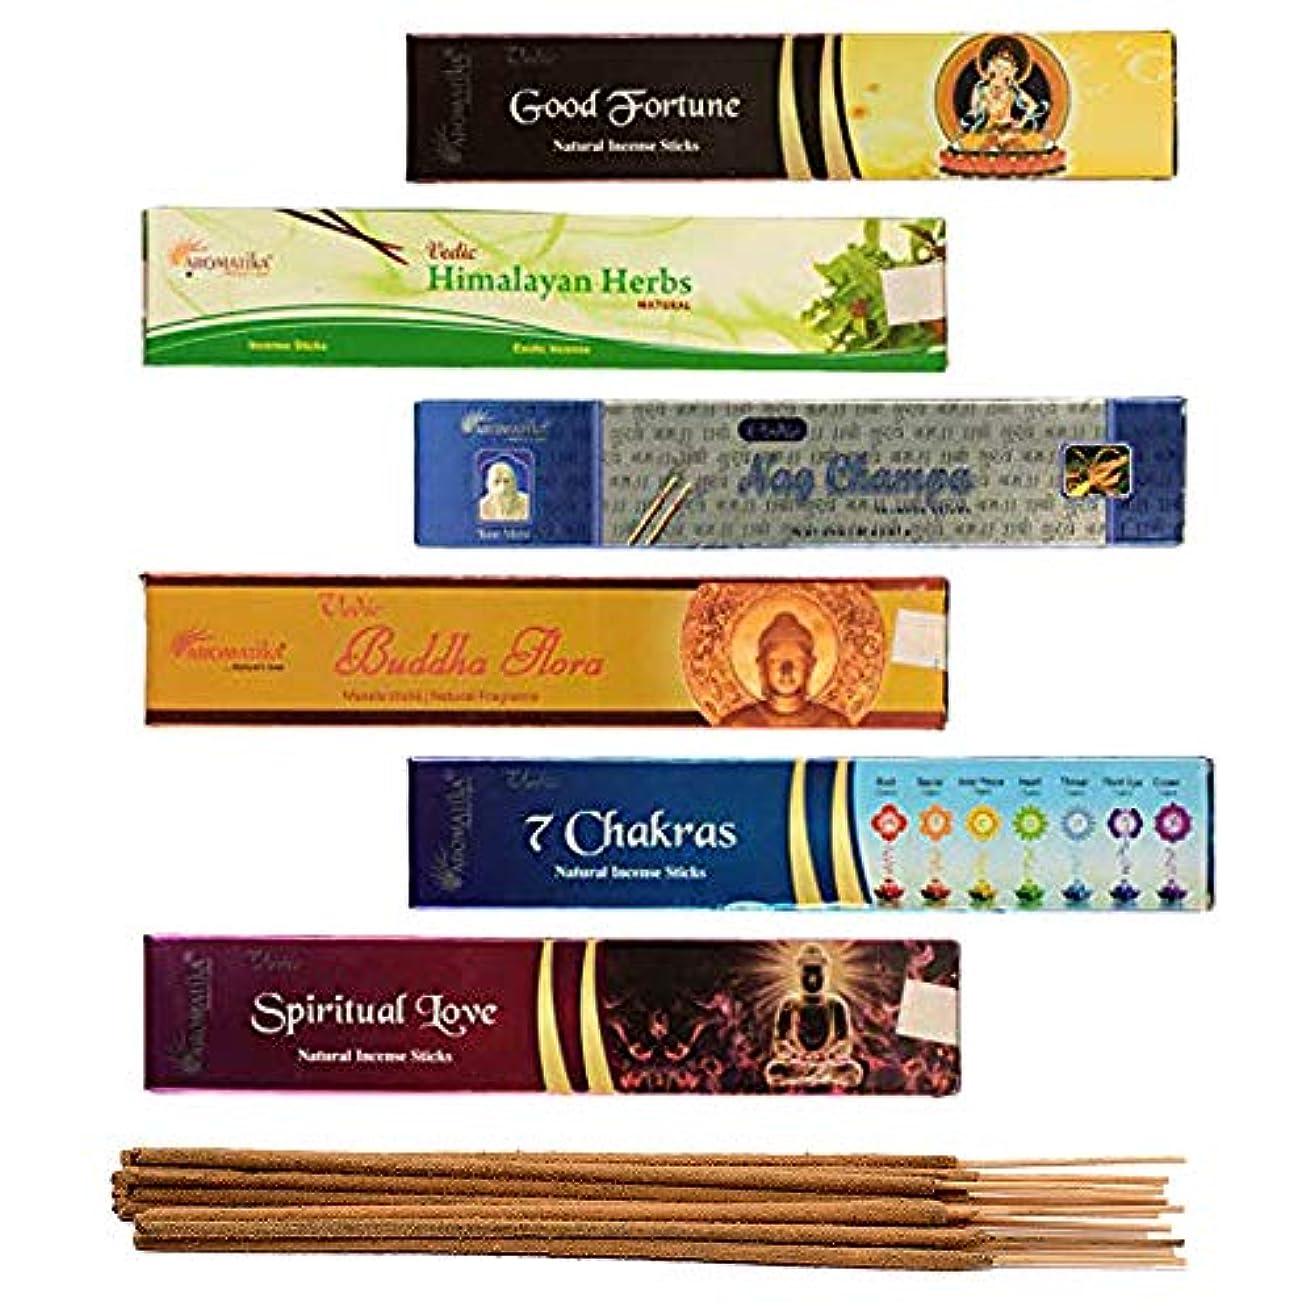 ナンセンスクッションラッドヤードキップリングaromatika 6 Assorted Masala Incense Sticks Vedic Nag Champa、7チャクラ、ブッダFlora、Himalayanハーブ、Good Fortune、Spiritual...